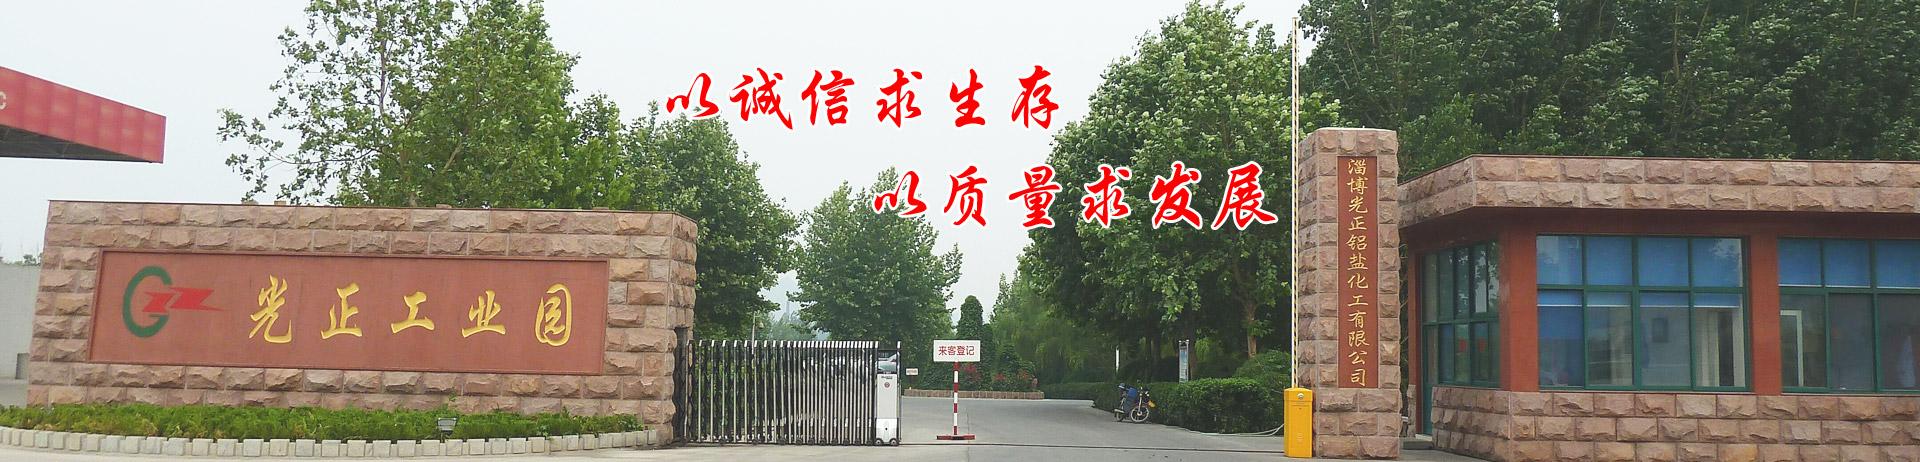 硫酸铝厂家,硫酸铝铵价格